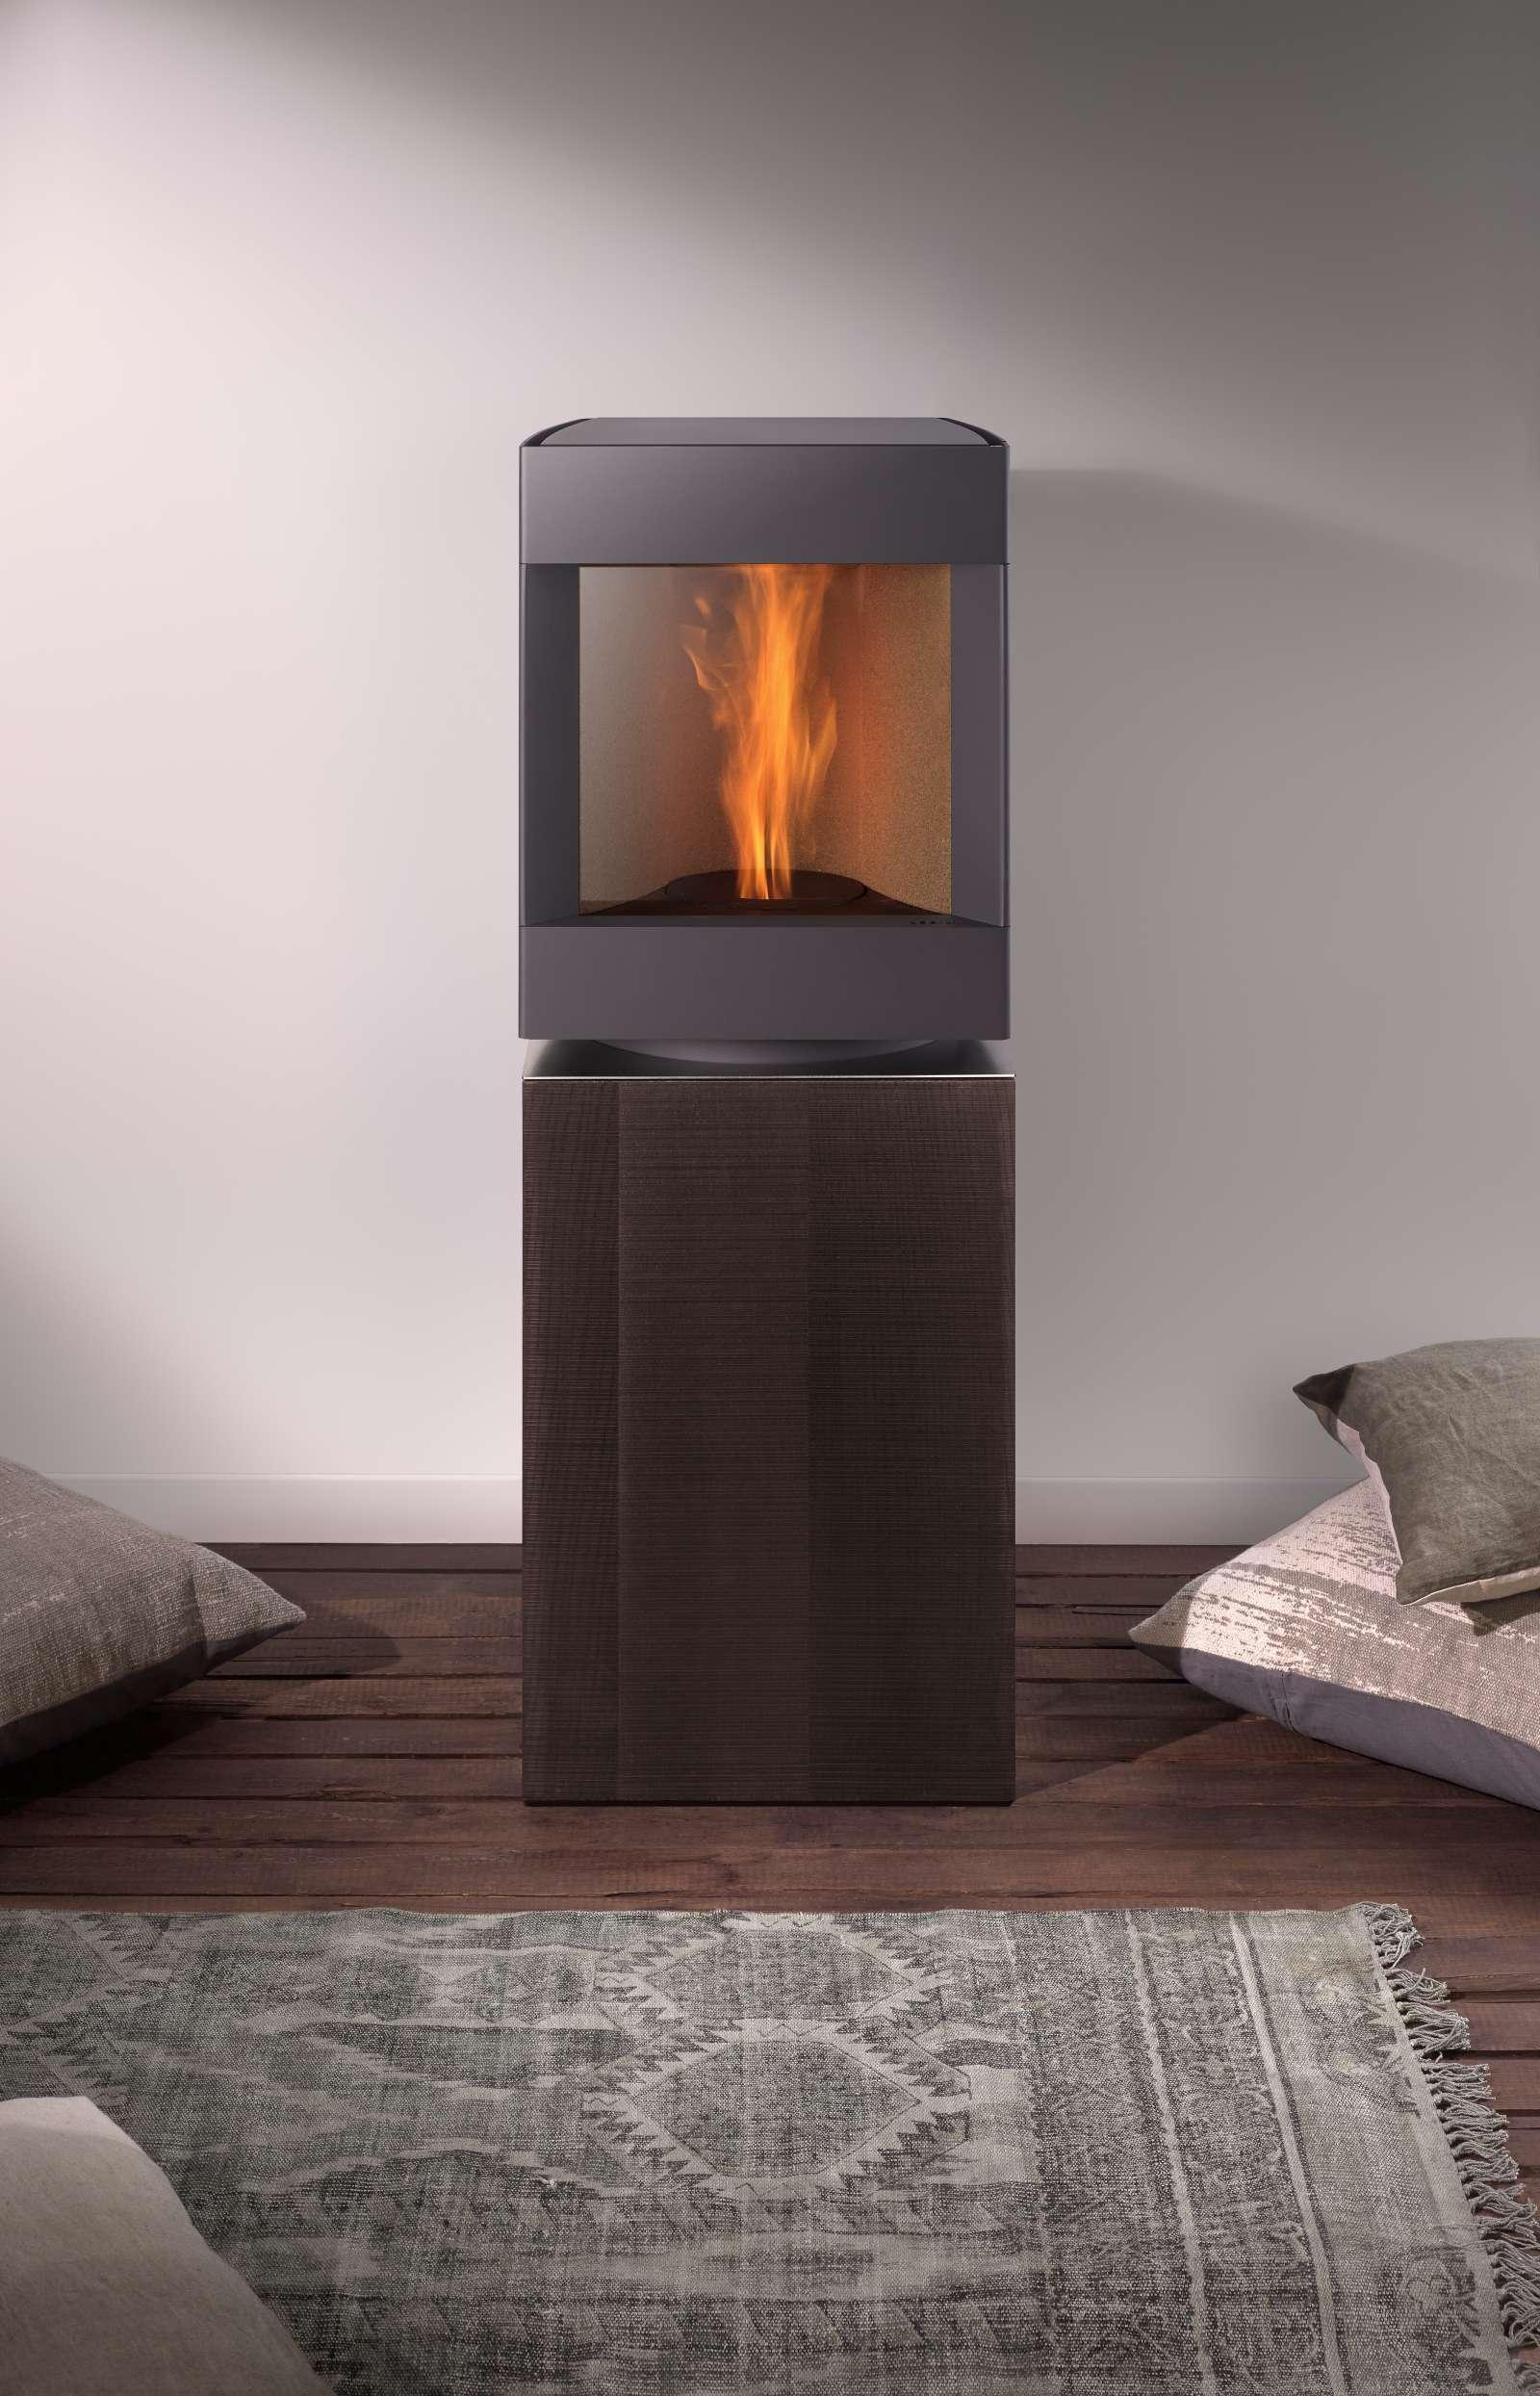 po les pellet stuv p 10 st v. Black Bedroom Furniture Sets. Home Design Ideas